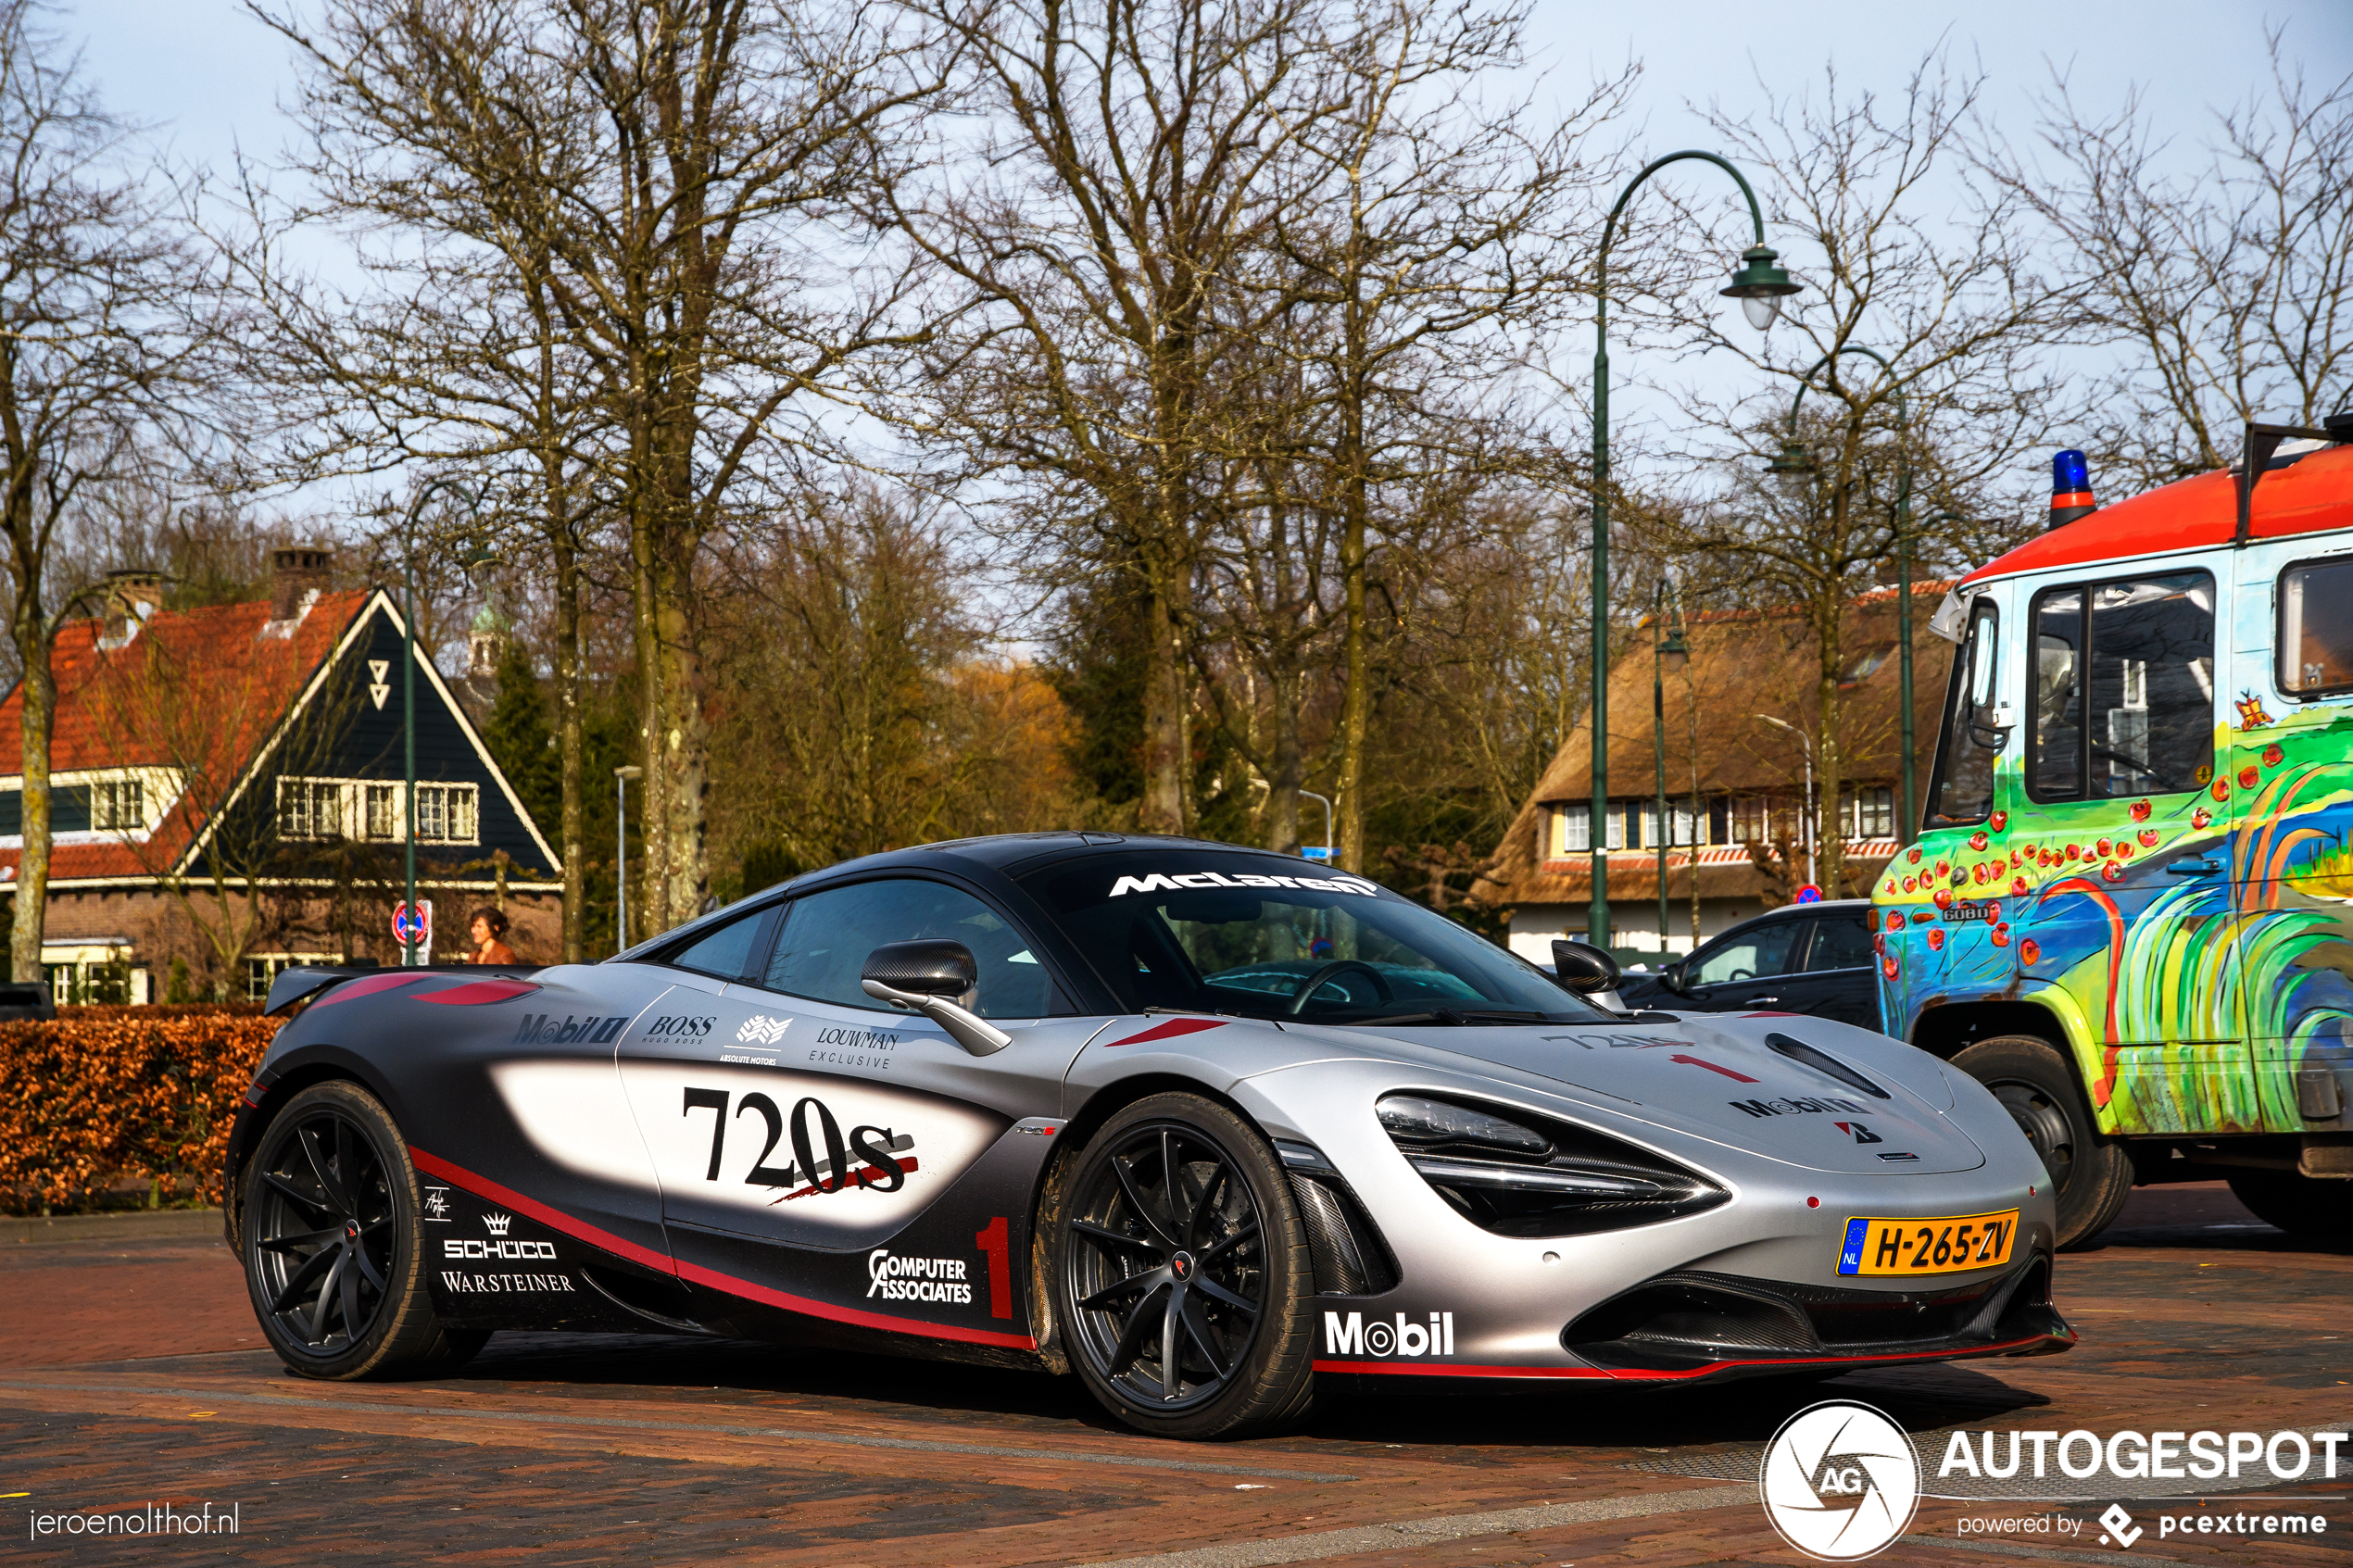 McLaren 720S brengt ode aan McLaren Formule 1